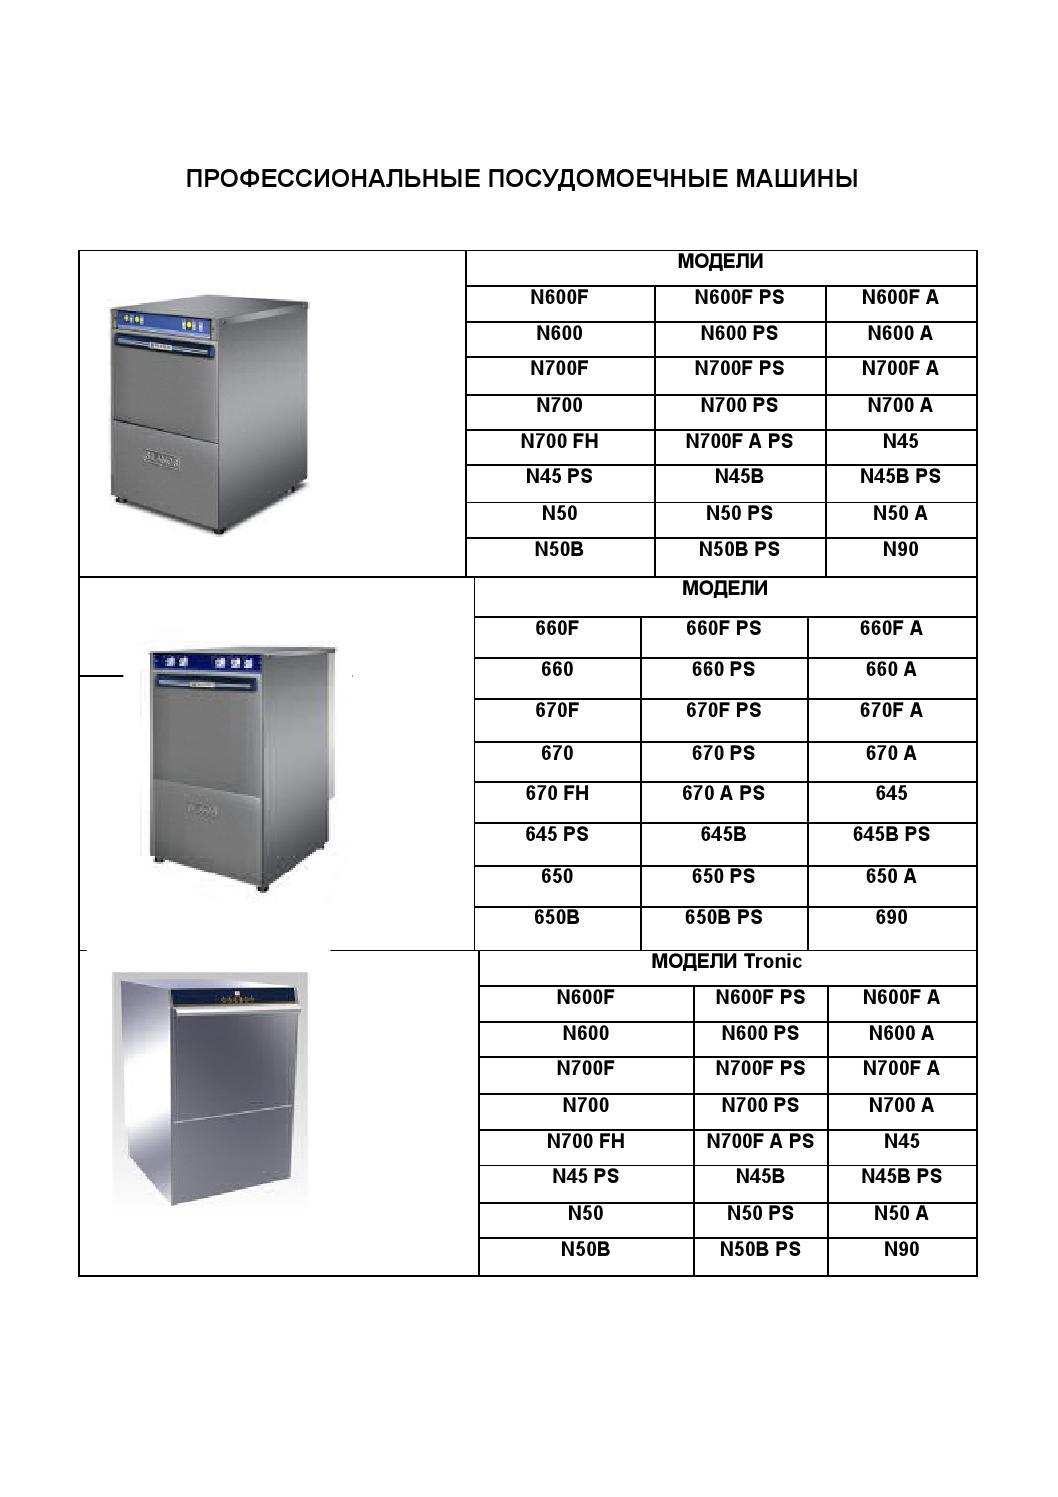 радиоуправляемая машина мини-багги new impetus 2301 инструкция